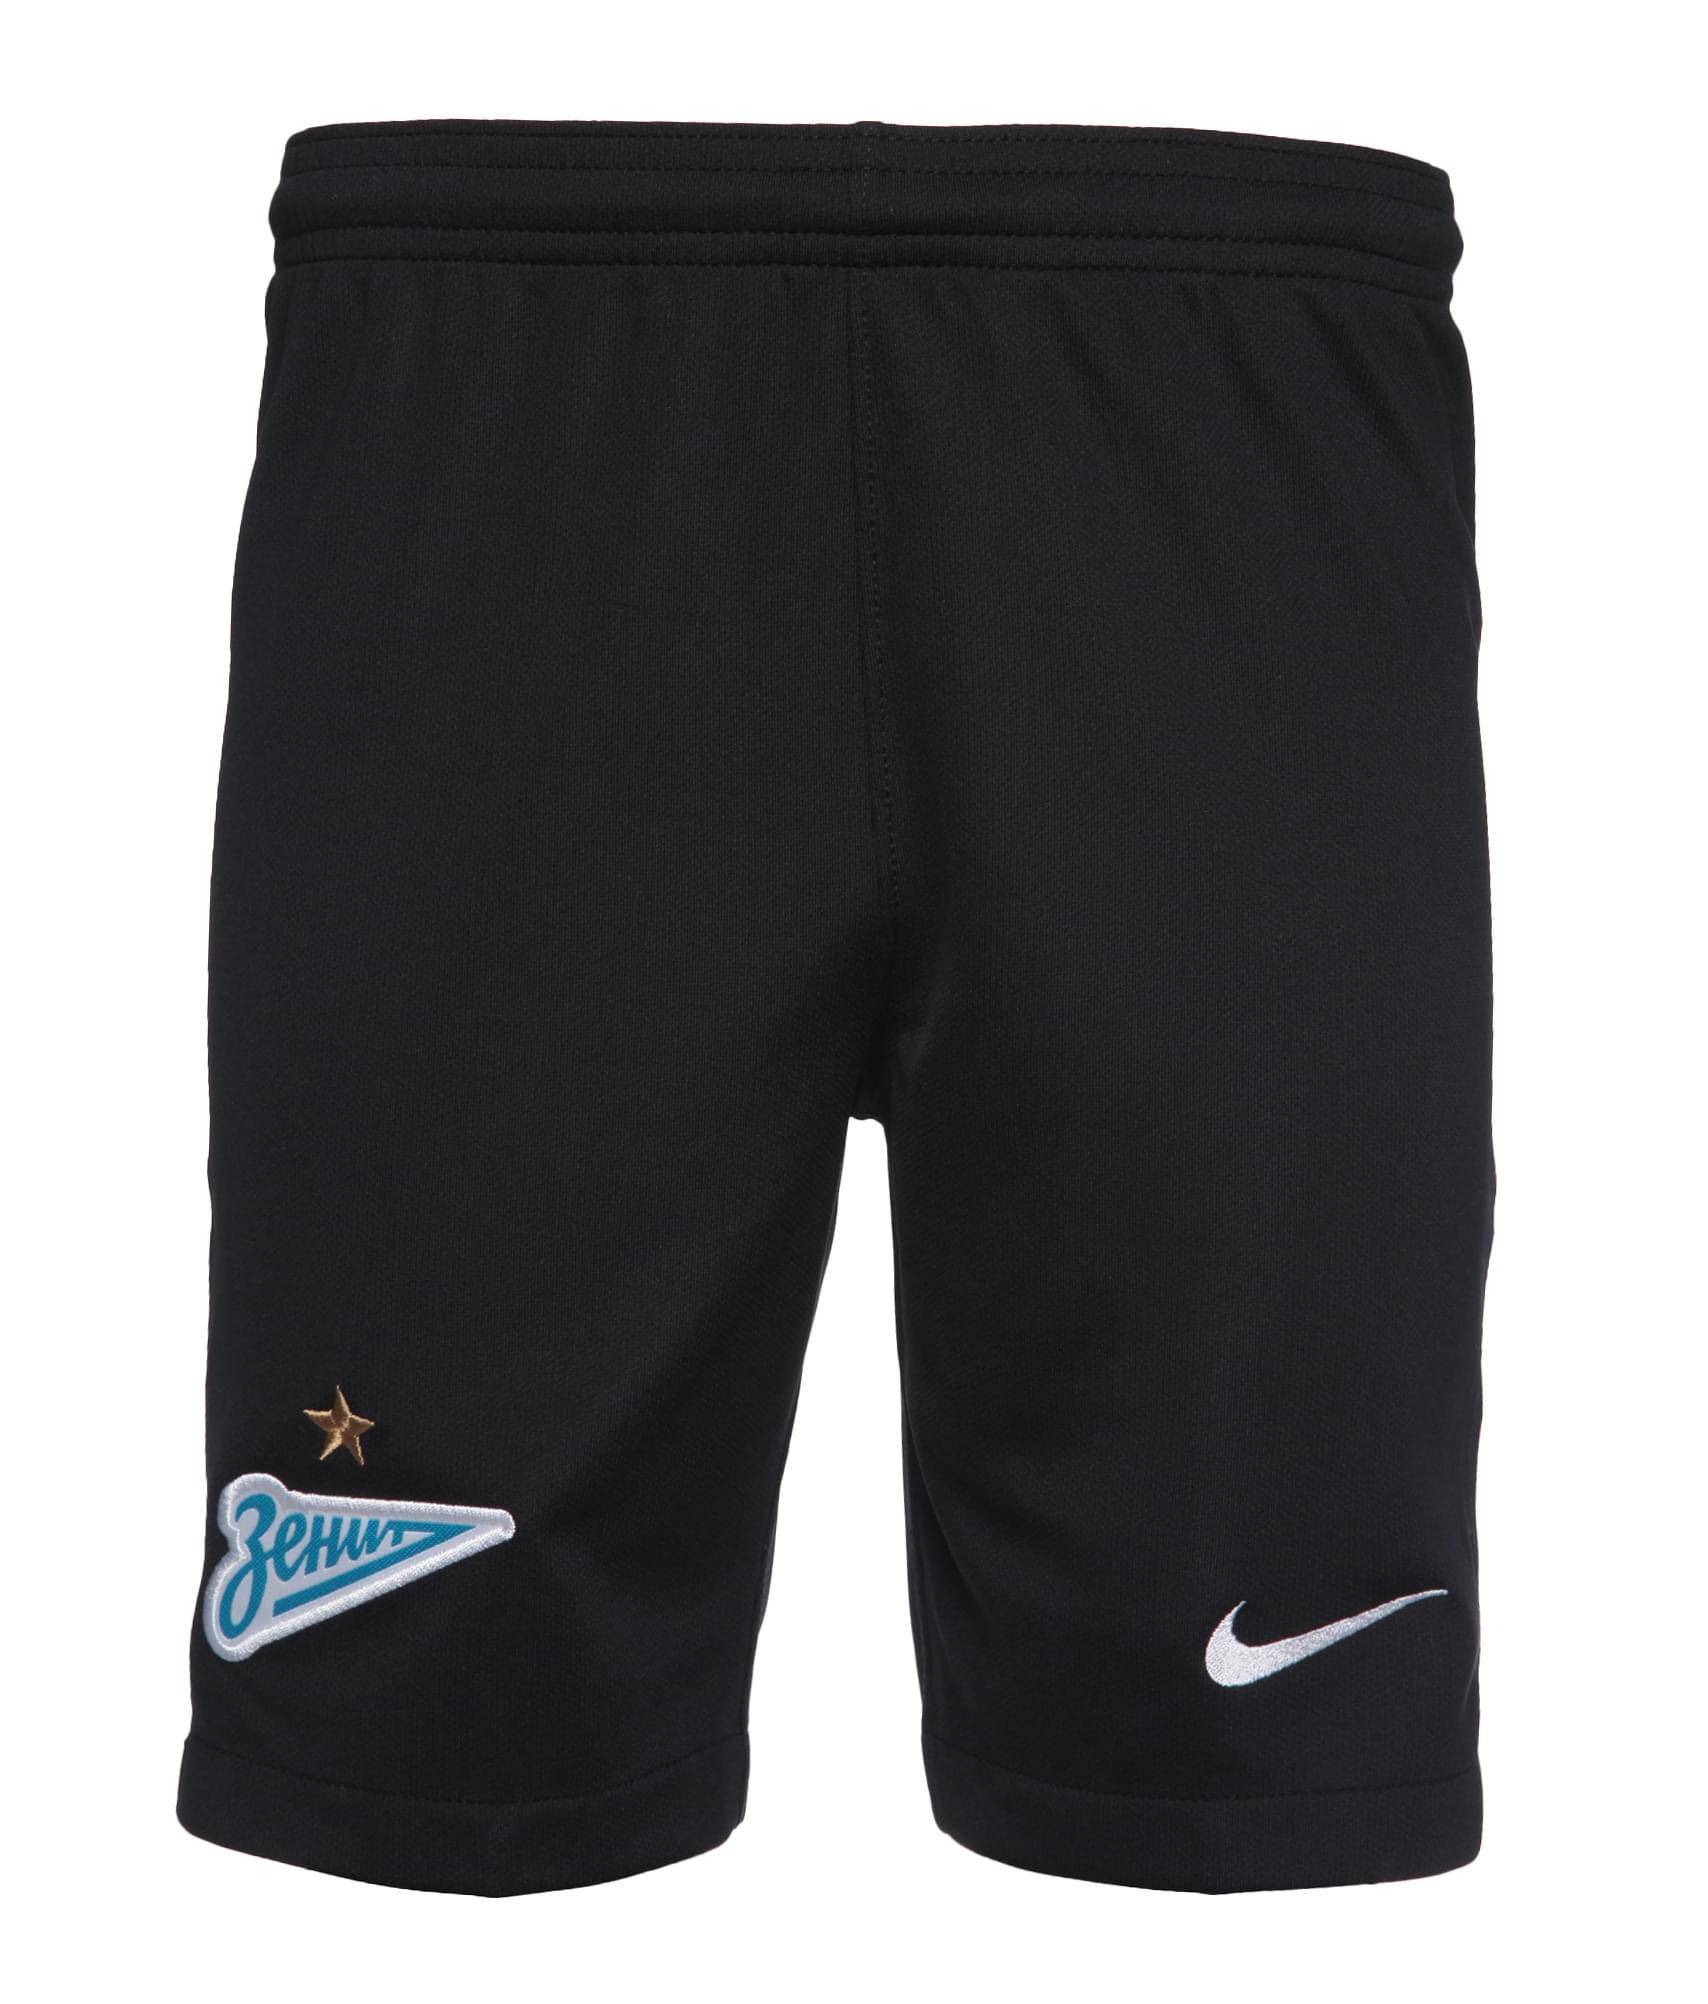 Шорты вратарские Nike подростковые сезона 2017/2018 Nike Цвет-Черный